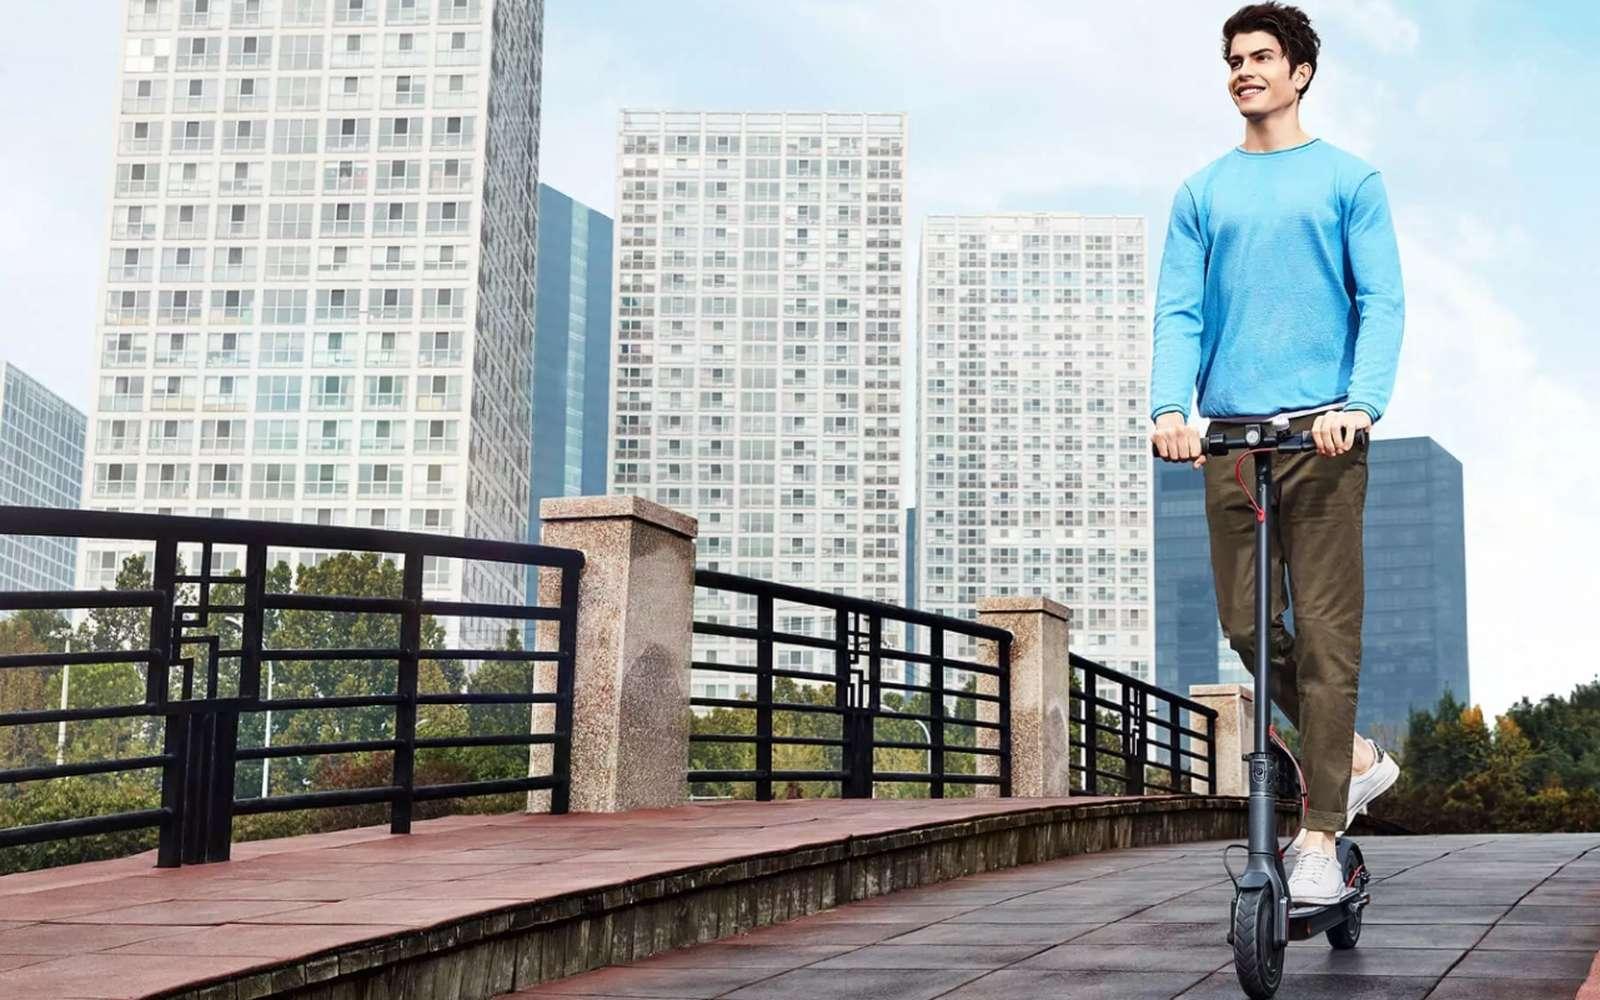 Au-delà de 25 km/h, les trottinettes électriques devraient disposer d'une assurance spécifique, d'une immatriculation et le conducteur devrait porter un casque de moto. © Xiaomi